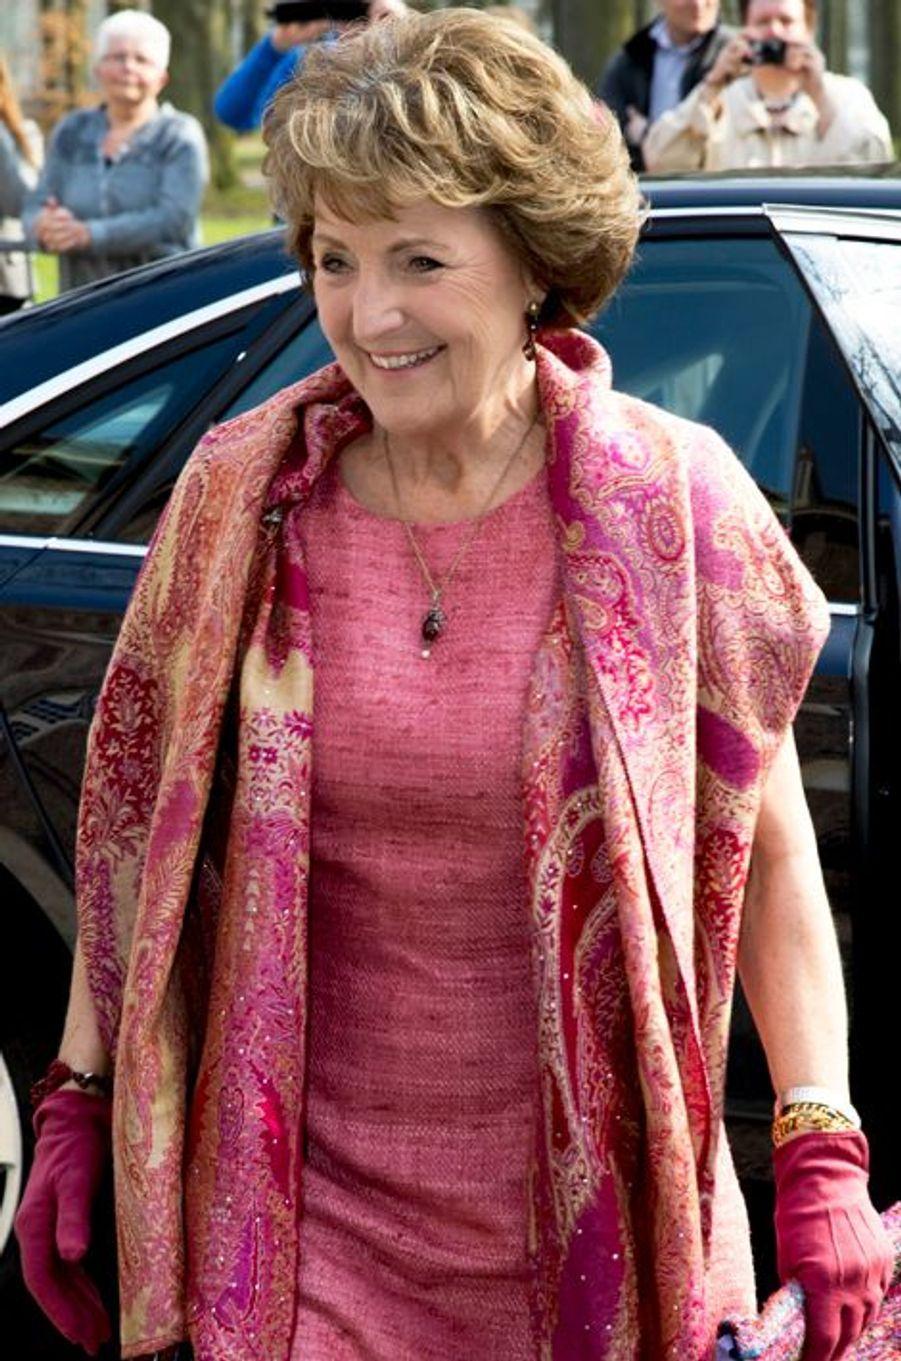 La princesse Margriet des Pays-Bas à Apeldoorn, le 9 avril 2015